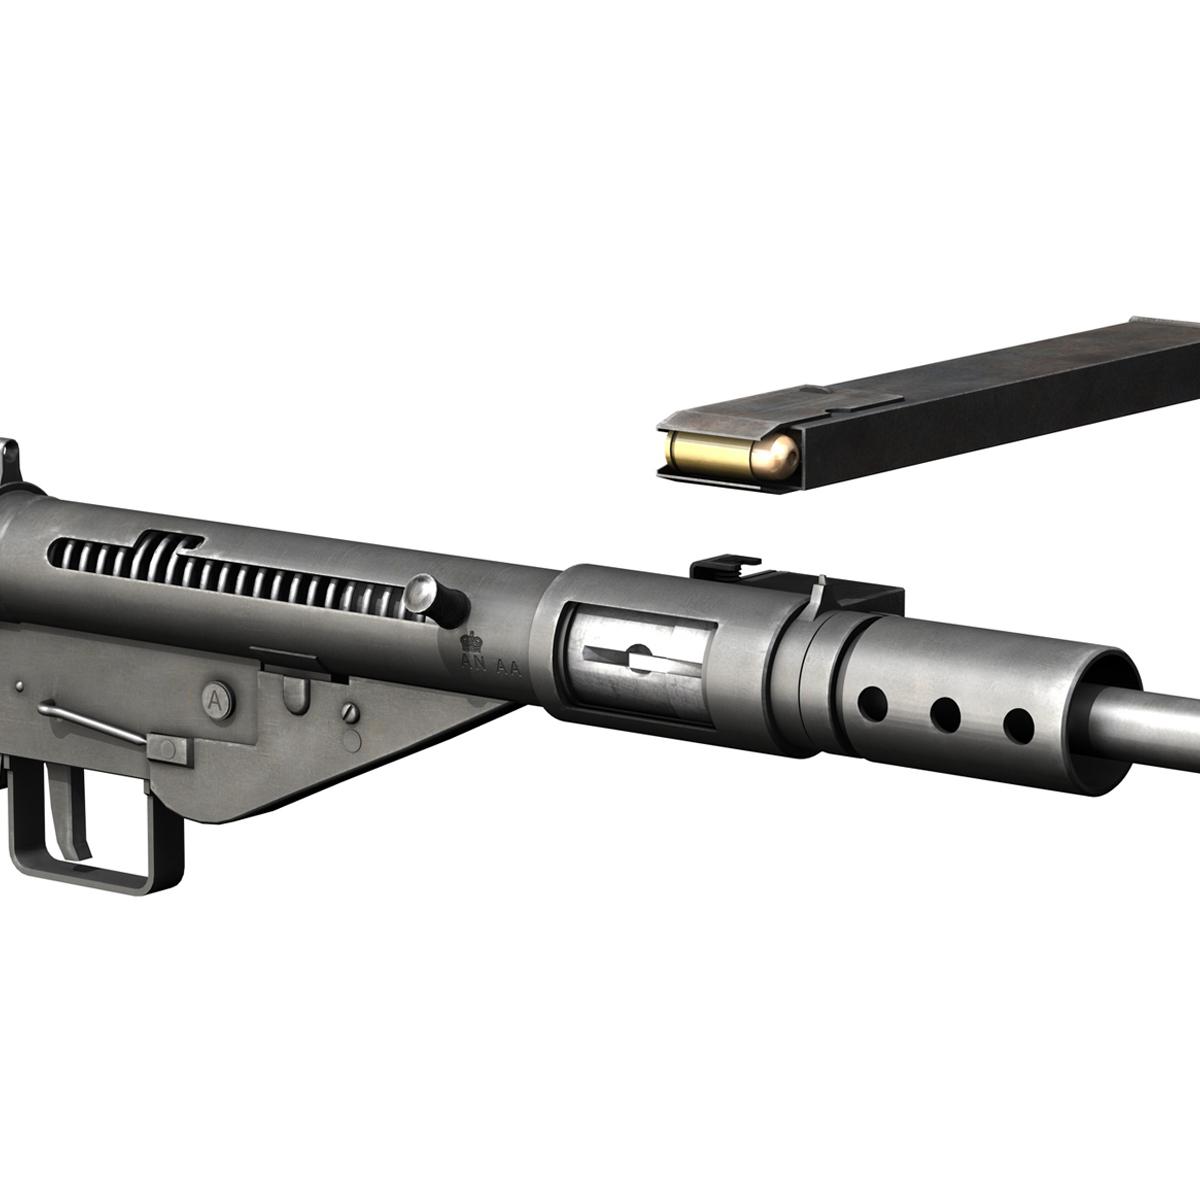 sten submachine gun – collection 3d model 3ds fbx c4d lwo obj 199300